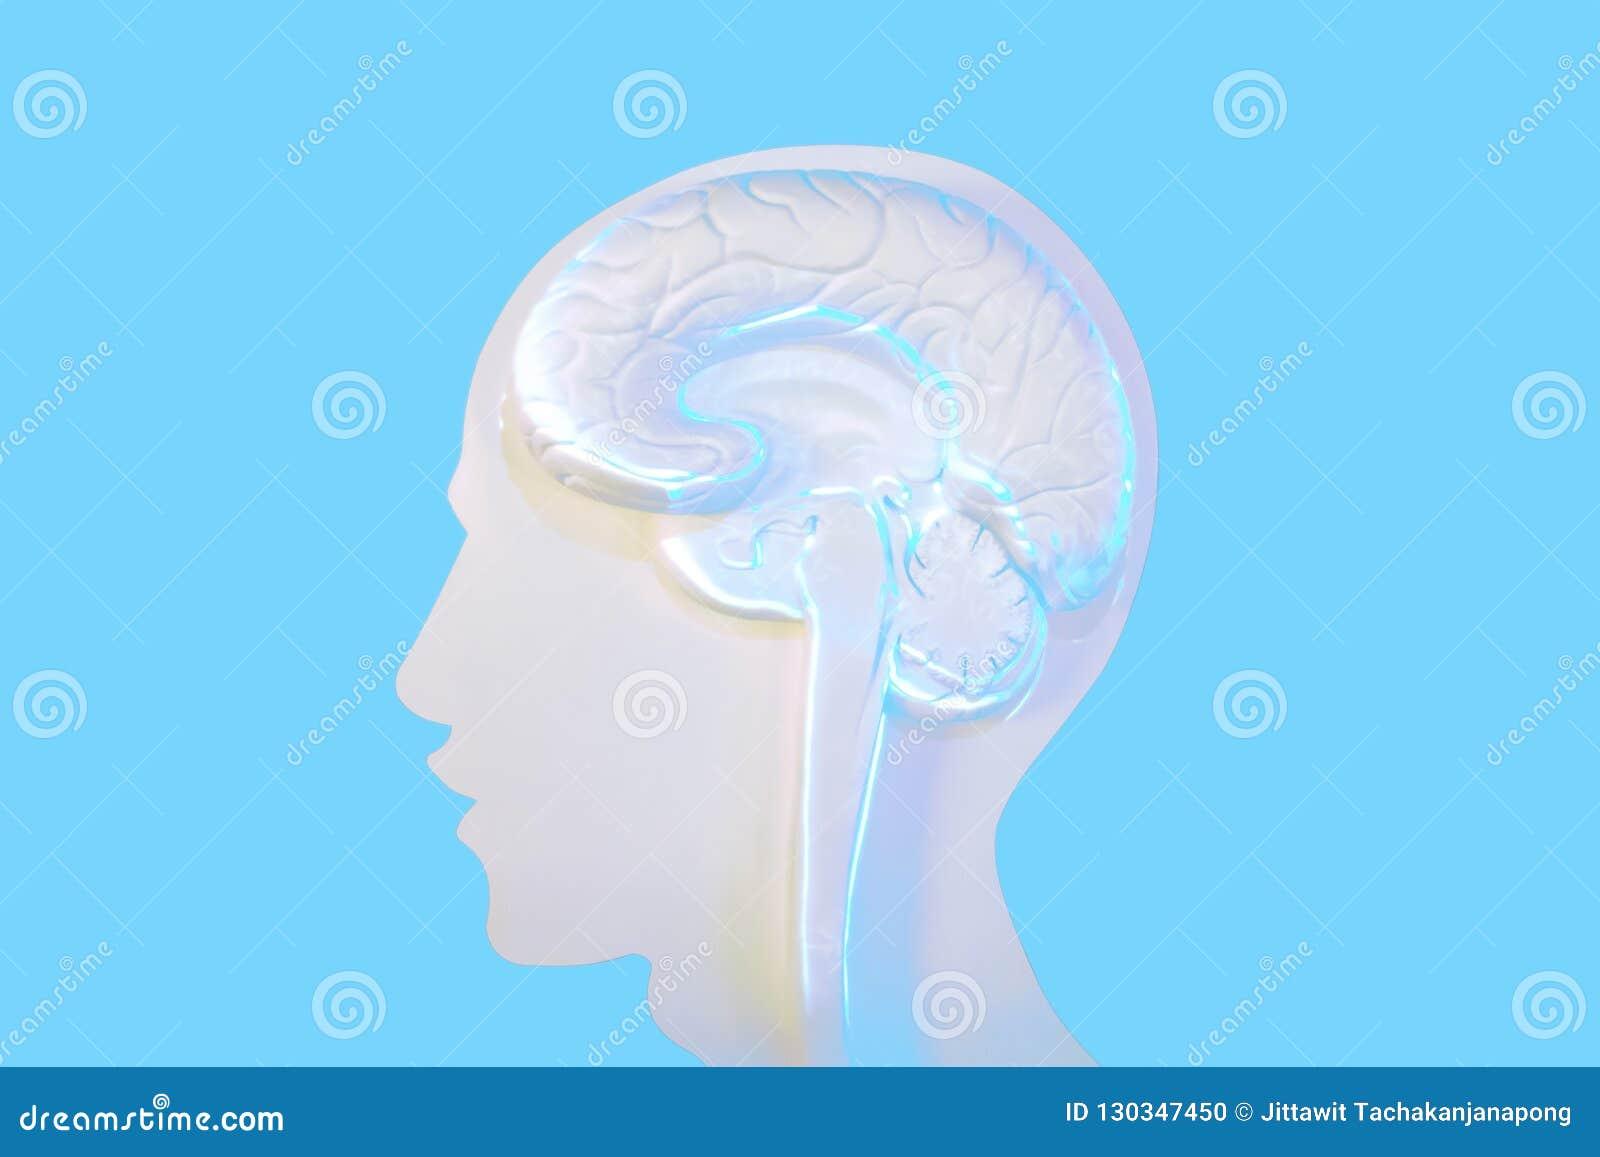 Οι μορφές και ο εγκέφαλος προσώπου είναι τα κύρια συστατικά της εργασίας